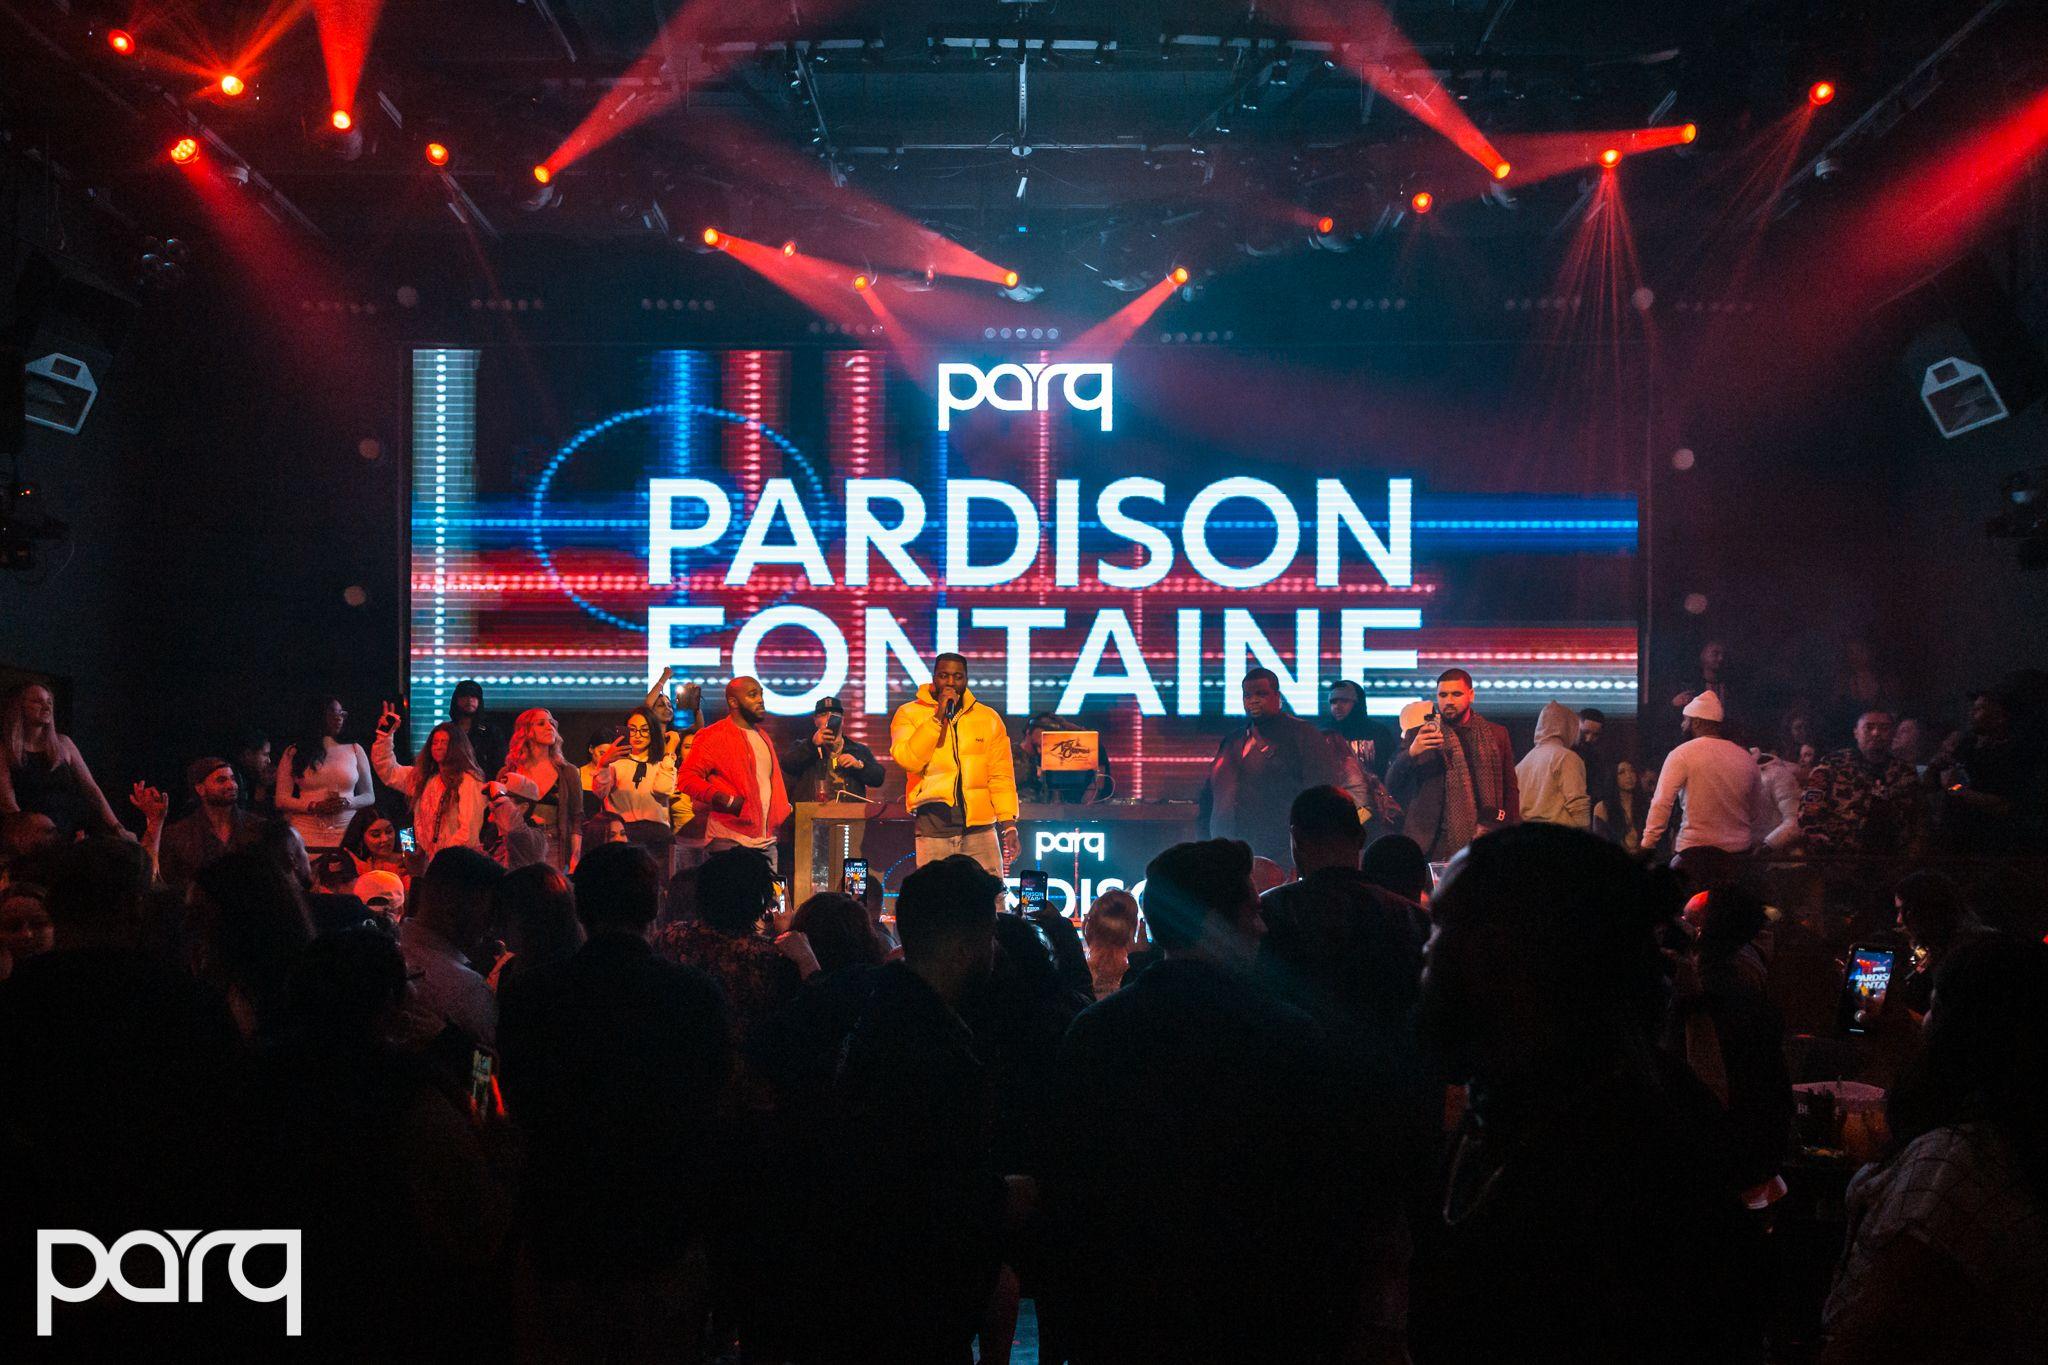 01.24.20 Parq - Pardison Fontaine-20.jpg